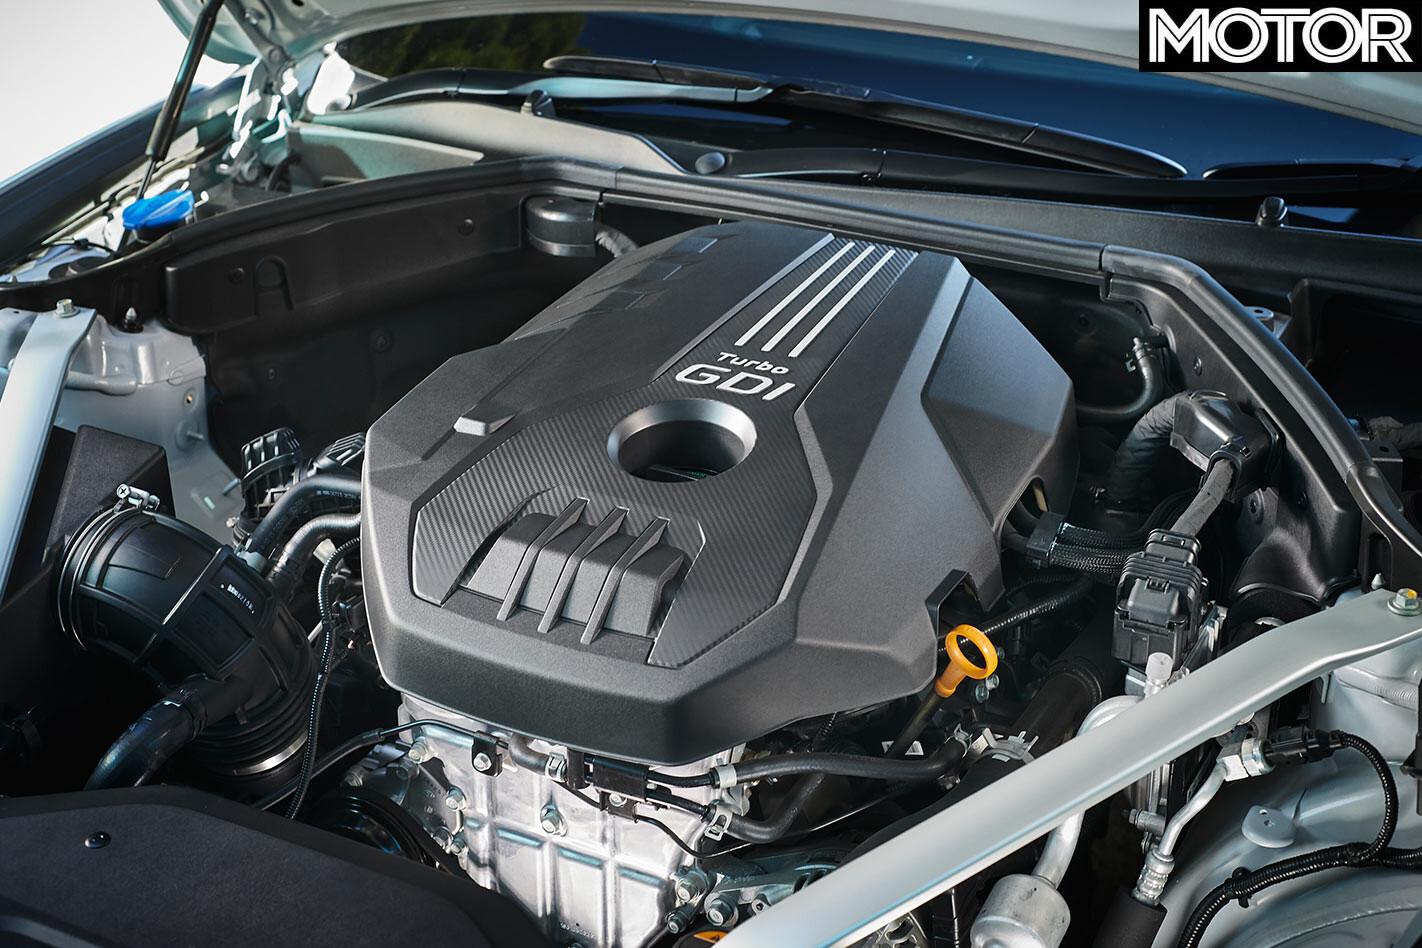 Hyundai Genesis G70 engine bay